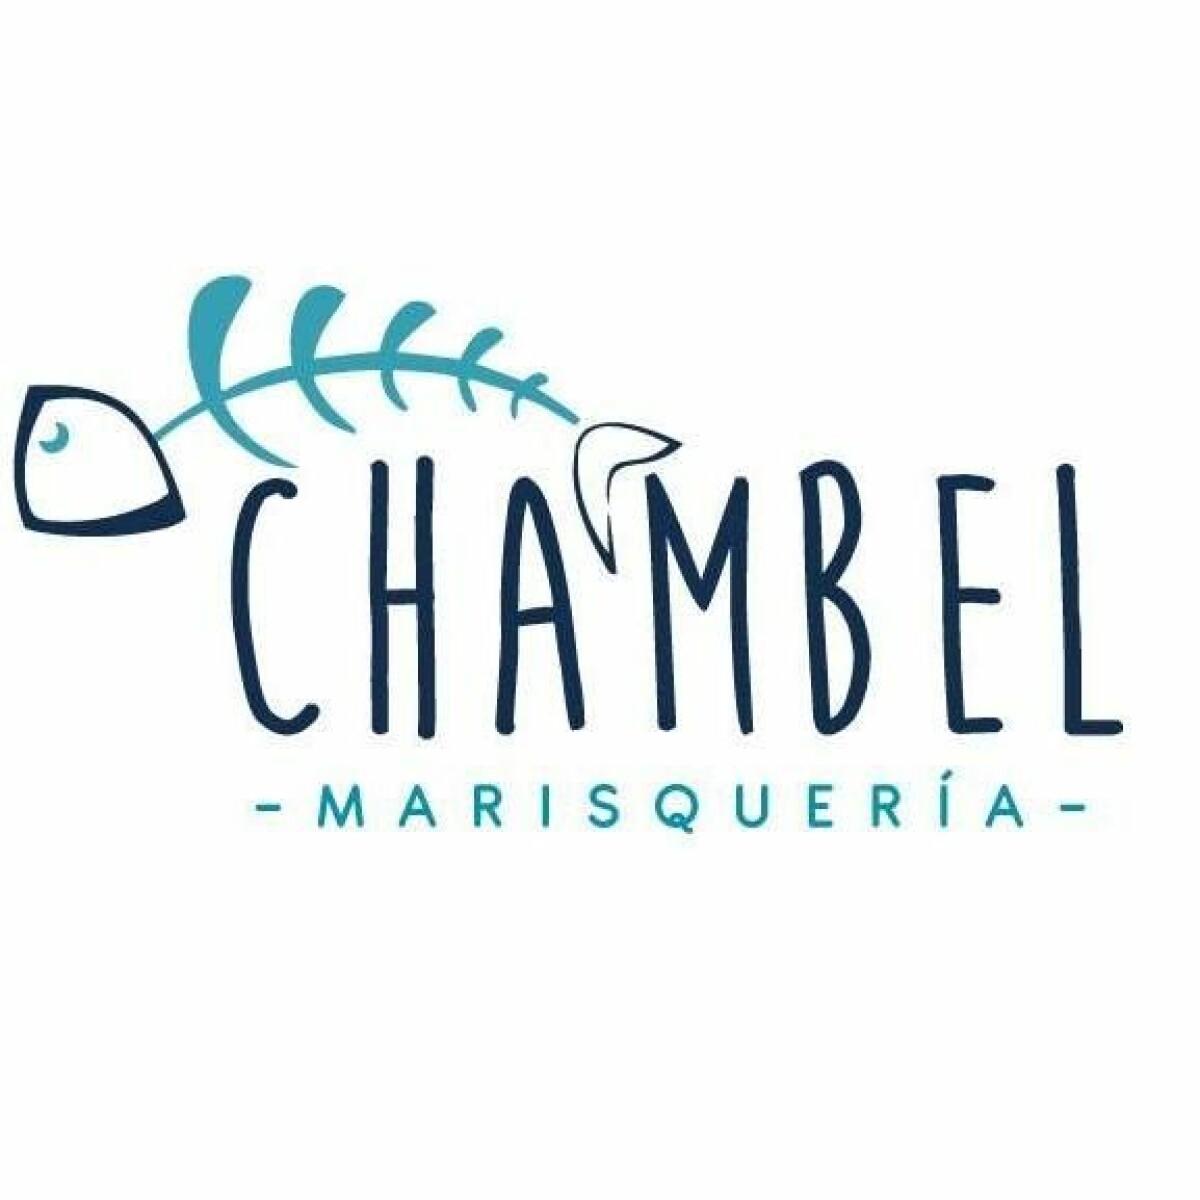 CHAMBEL Marisquería